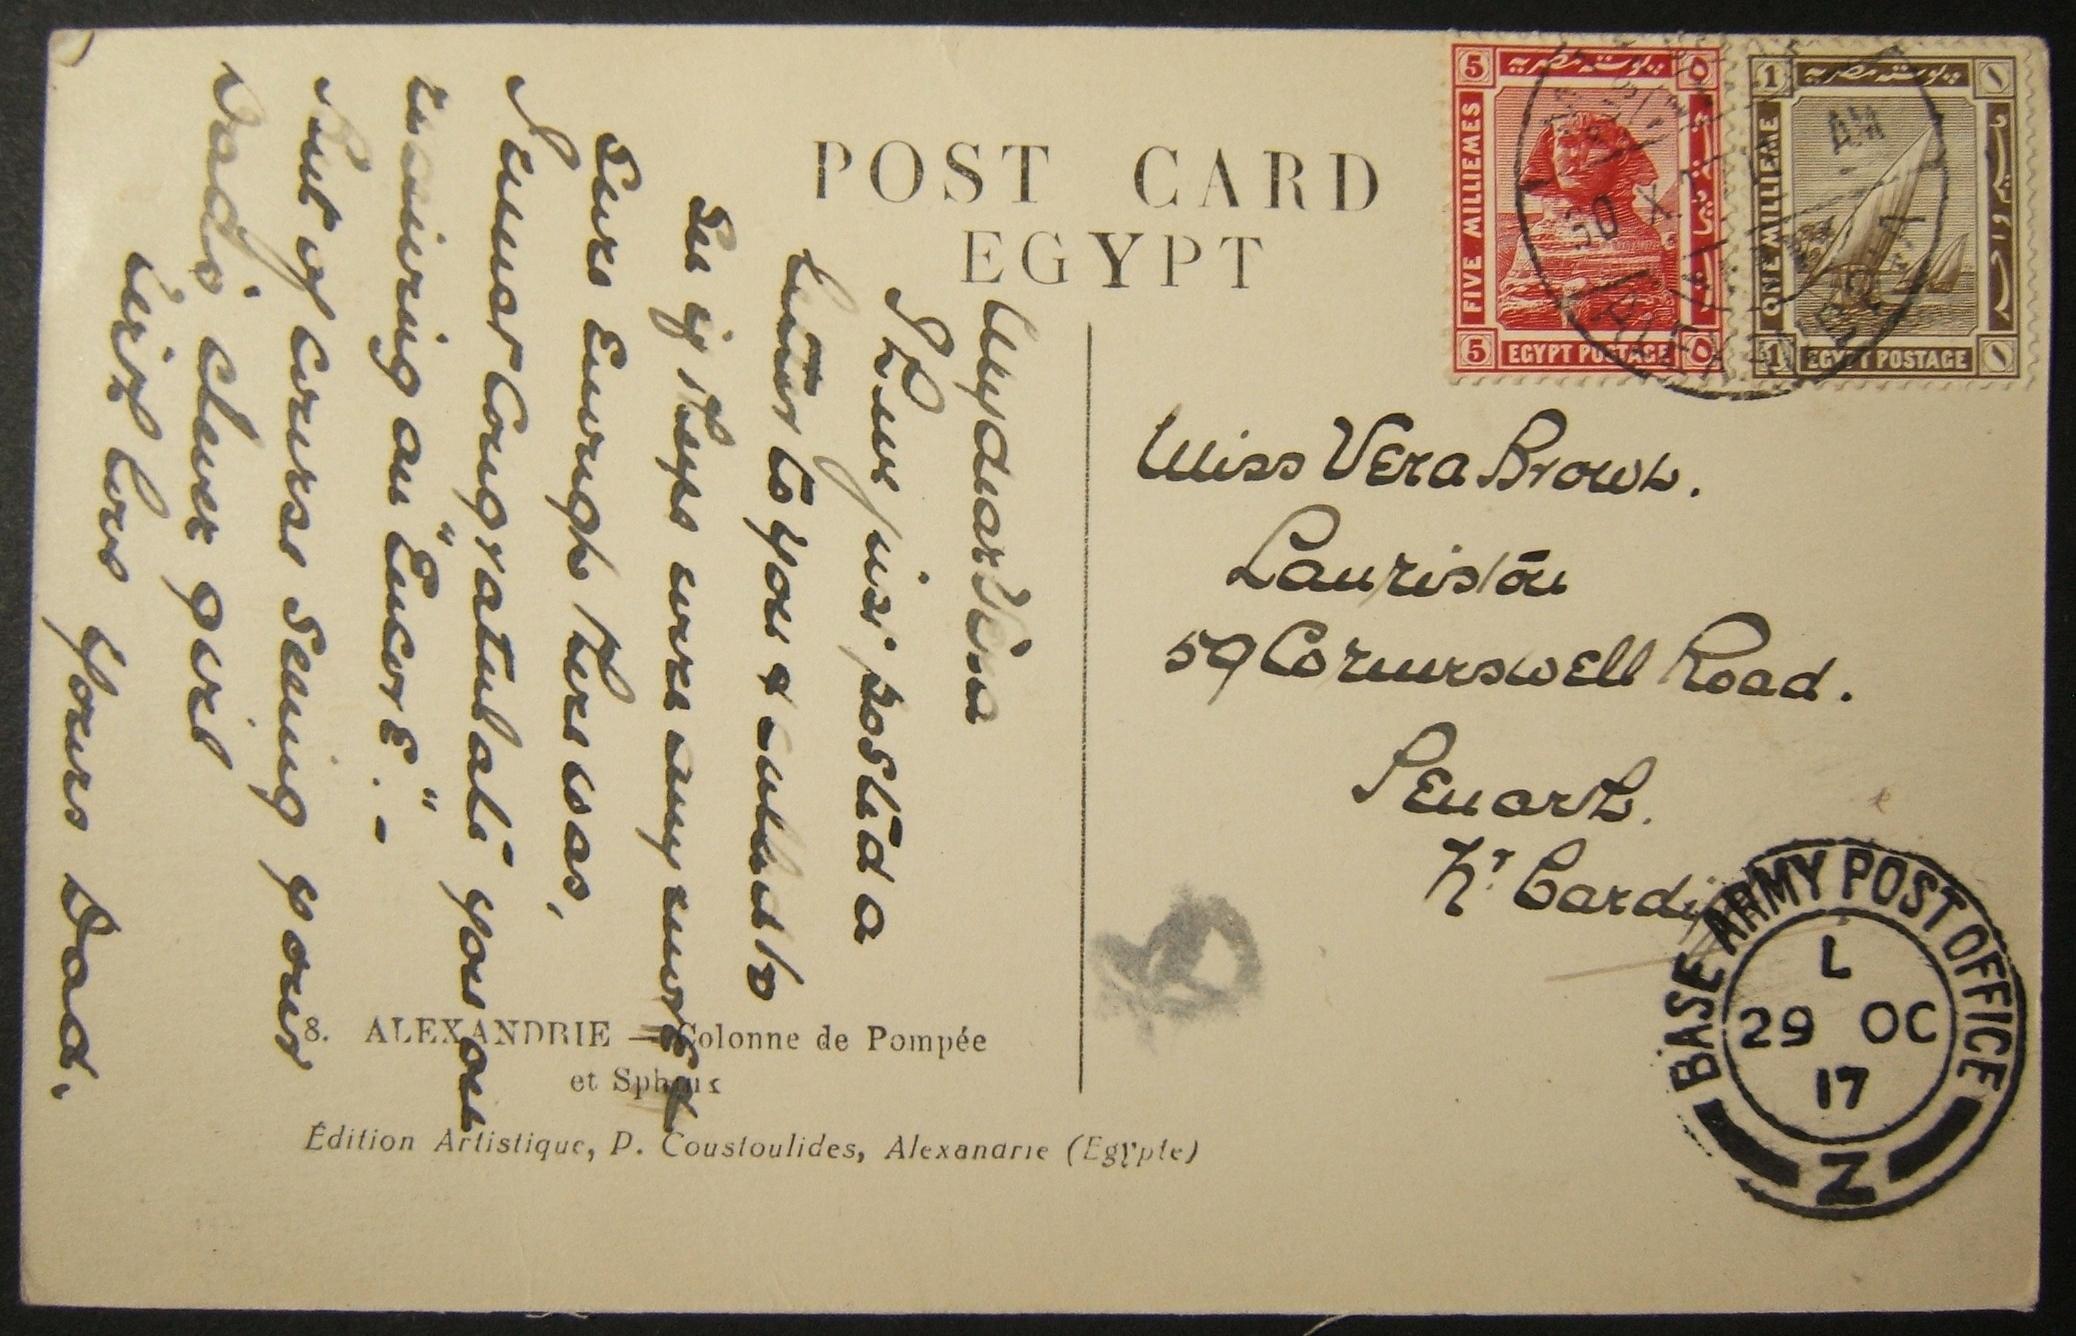 מלחמת העולם הראשונה כרתה דואר אזרחי מן הדואר הצבאי הבריטי BAPO Z לבריטניה דרך הדואר המצרי